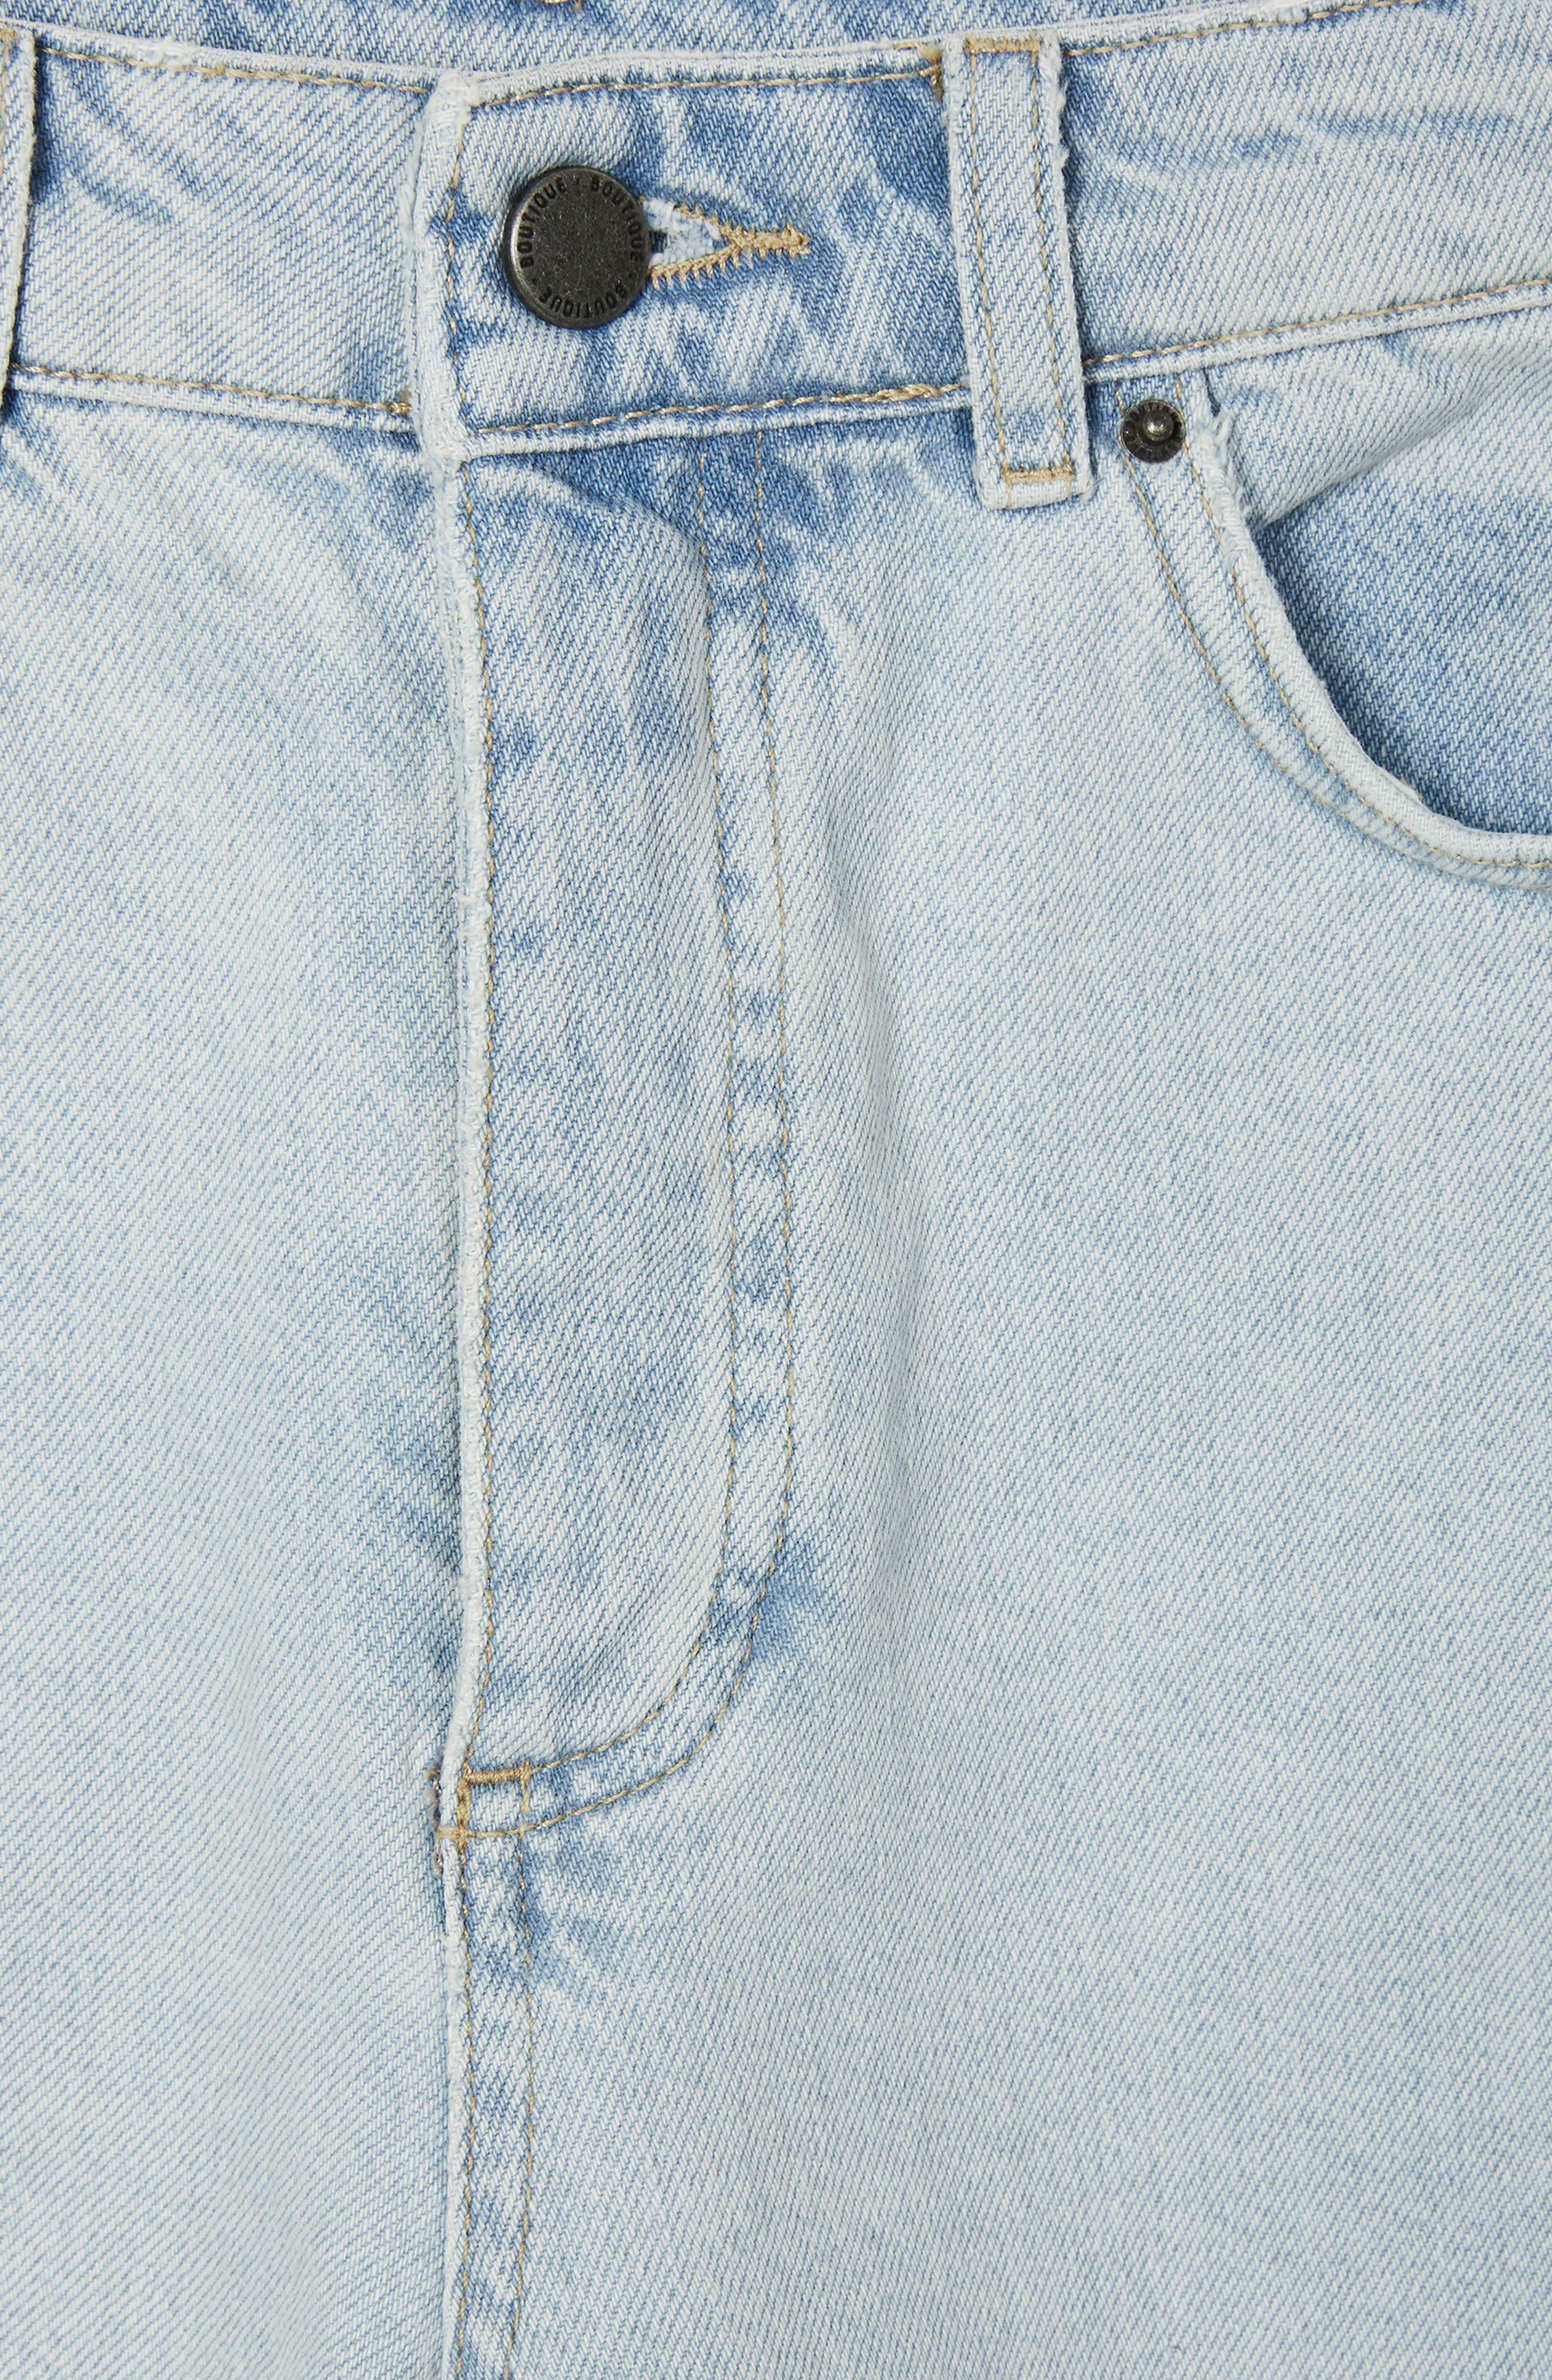 Boutique Bleach Denim Jeans,                             Alternate thumbnail 4, color,                             Light Denim